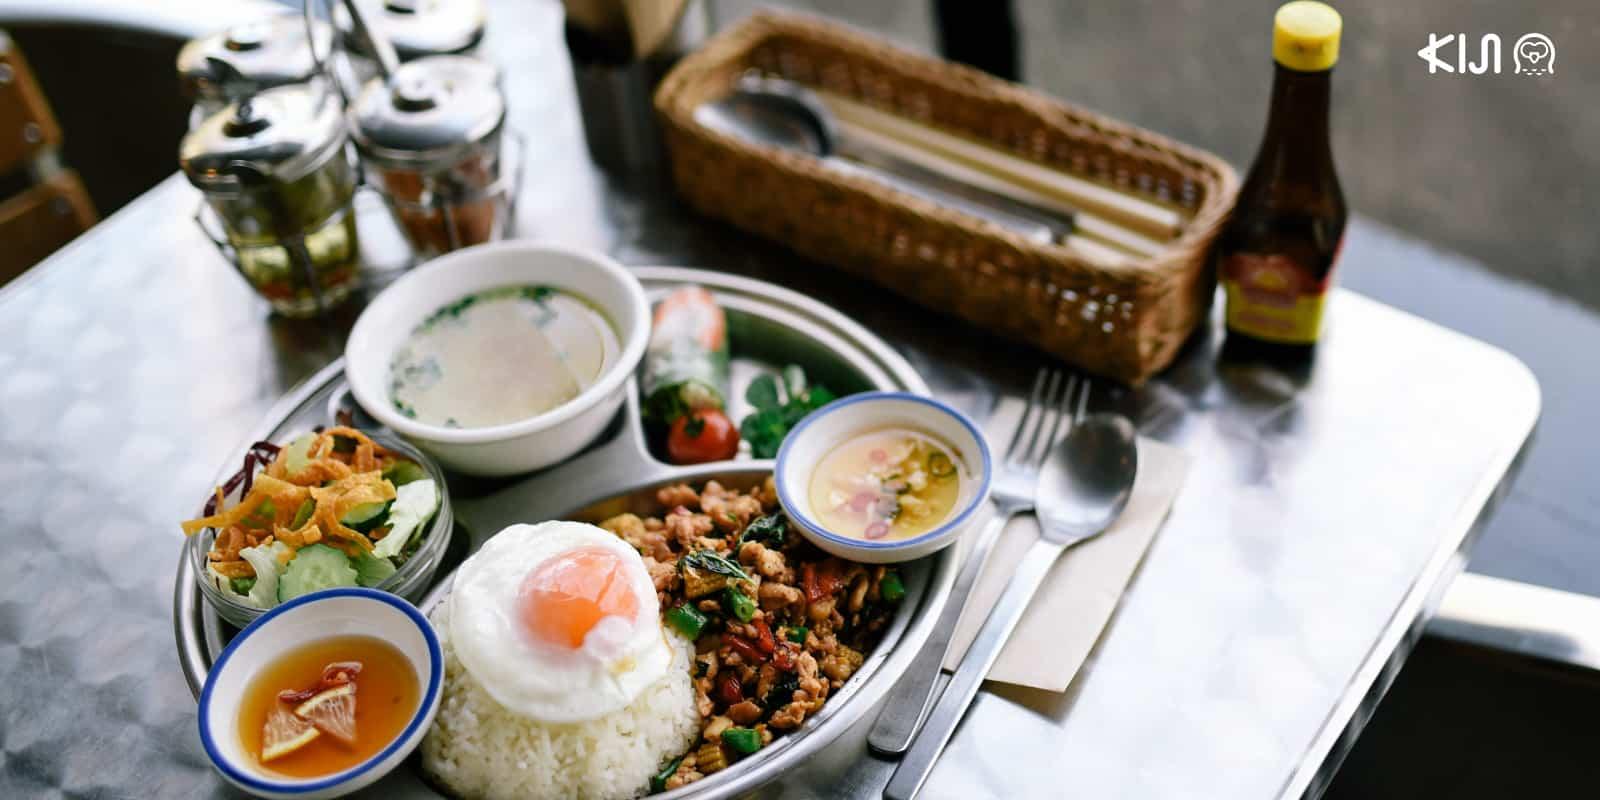 Pepa Cafe Forest ร้านอาหารไทยในย่านคิชิโจจิ